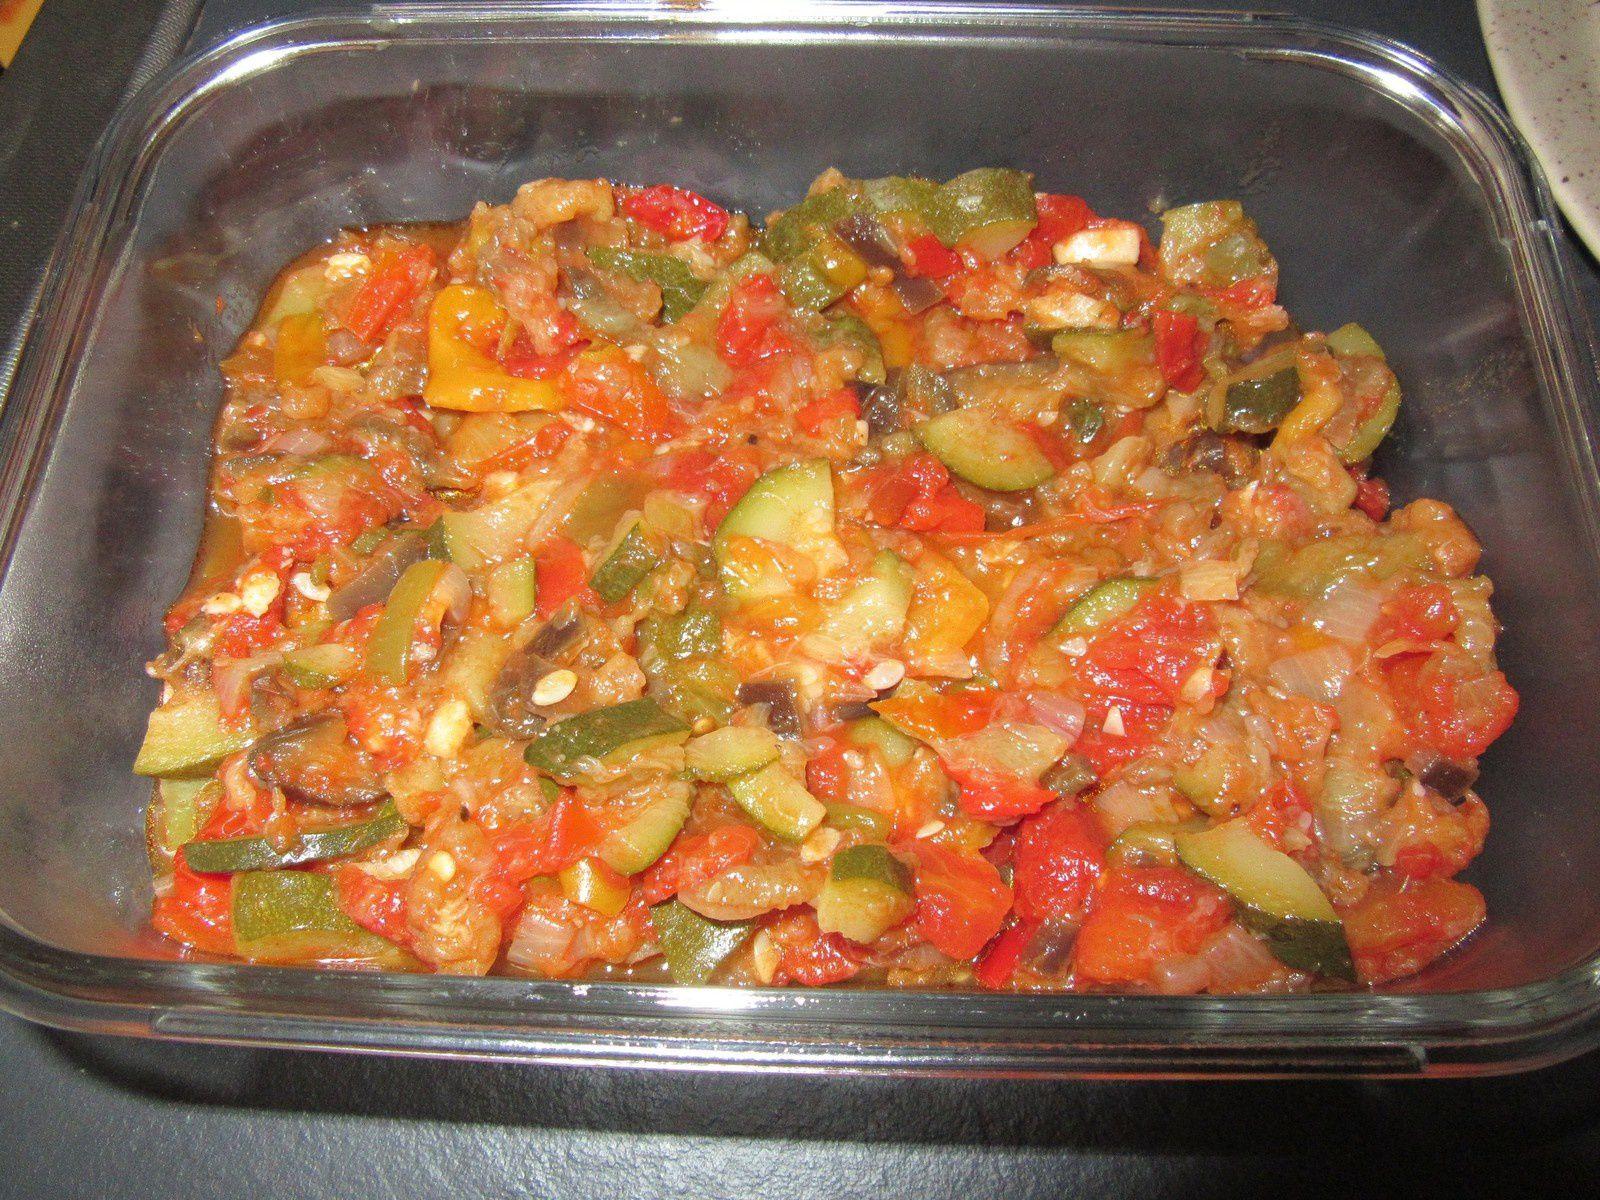 Recette de la ratatouille au cook o mes meilleures recettes faciles - Recette de noel au cookeo ...